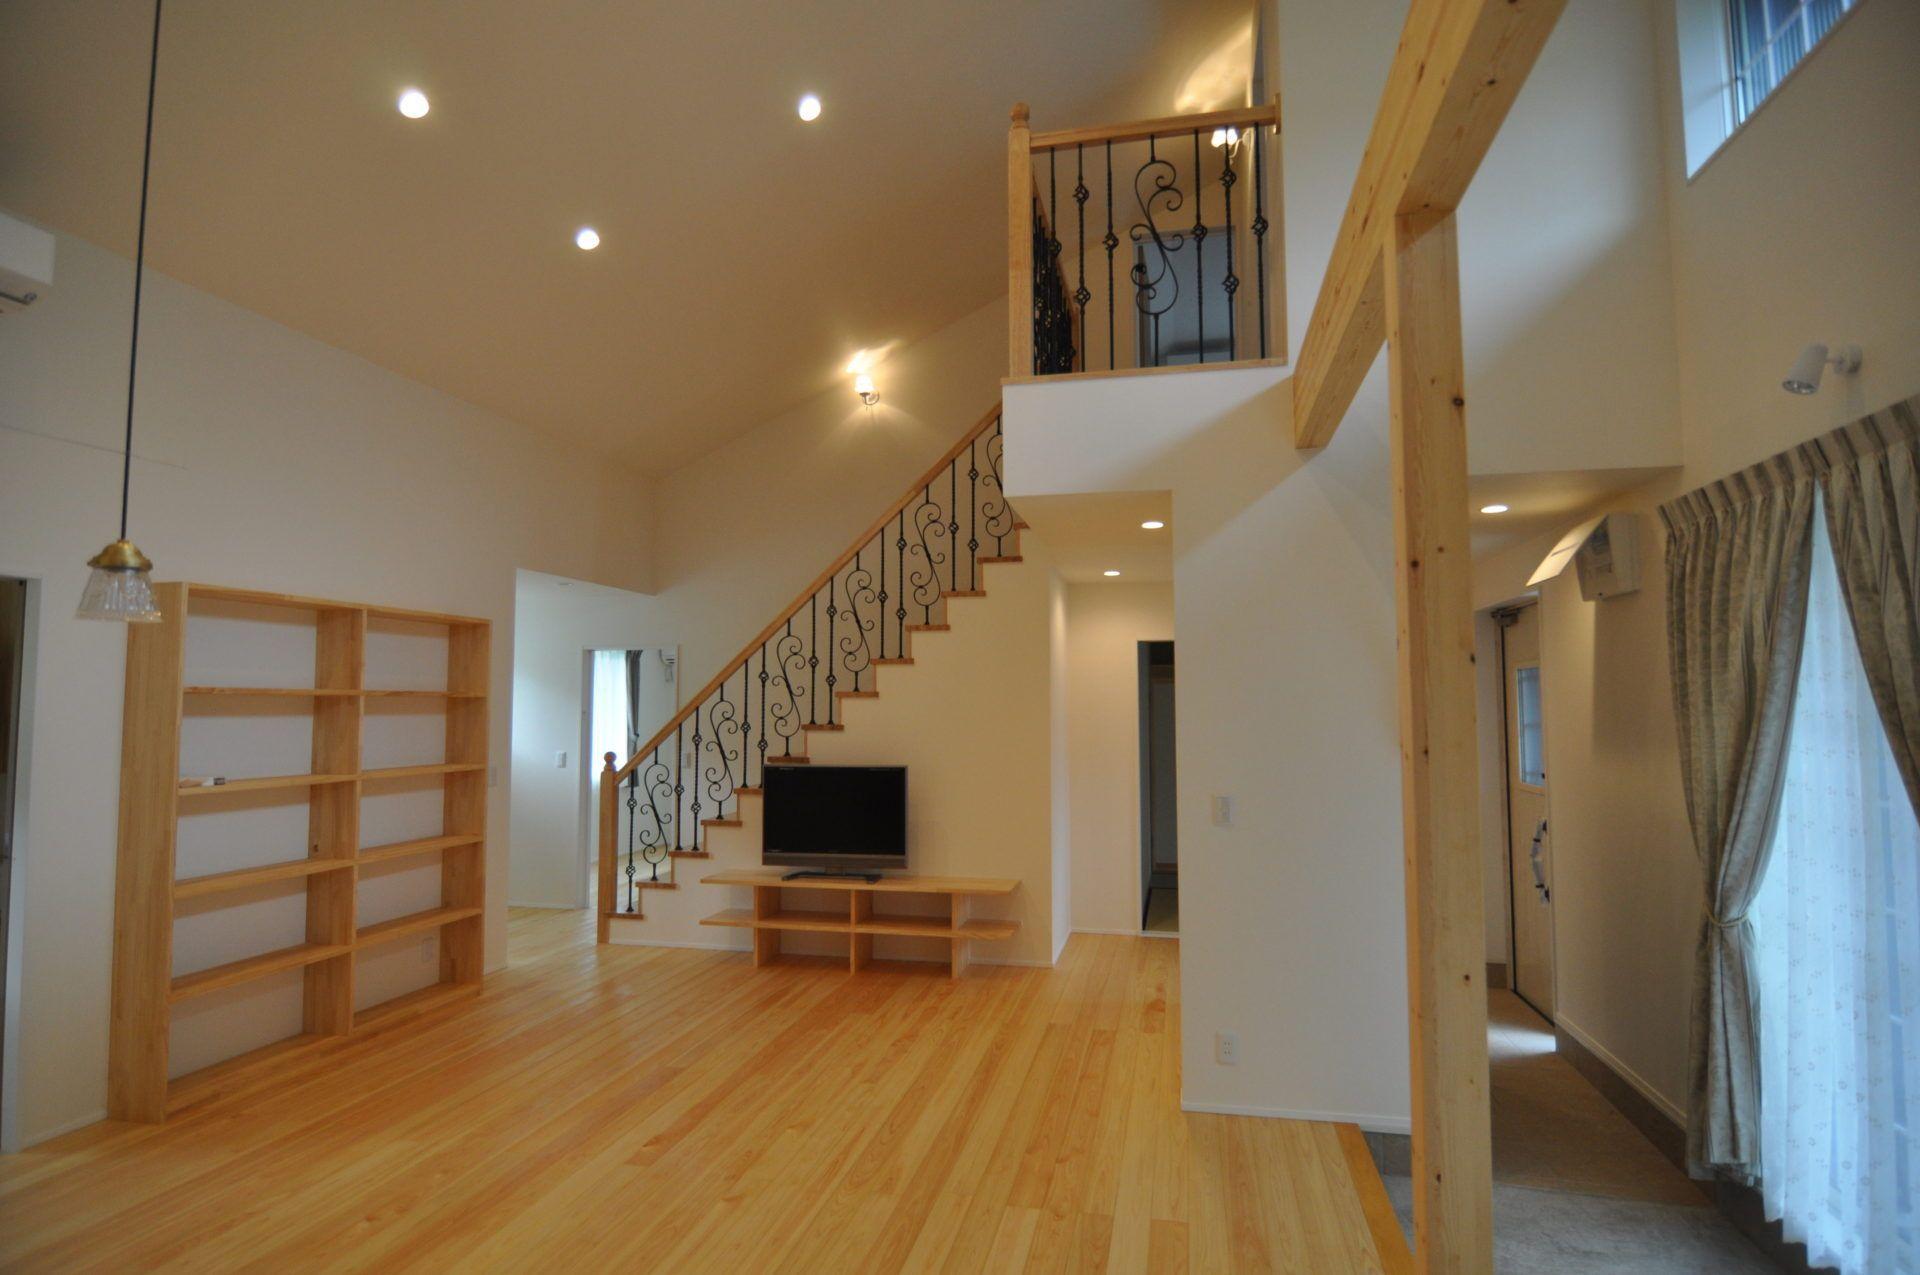 有限会社 市川建築店 1級建築士事務所「三条市 I様邸」のシンプル・ナチュラル・北欧風なリビング・ダイニングの実例写真